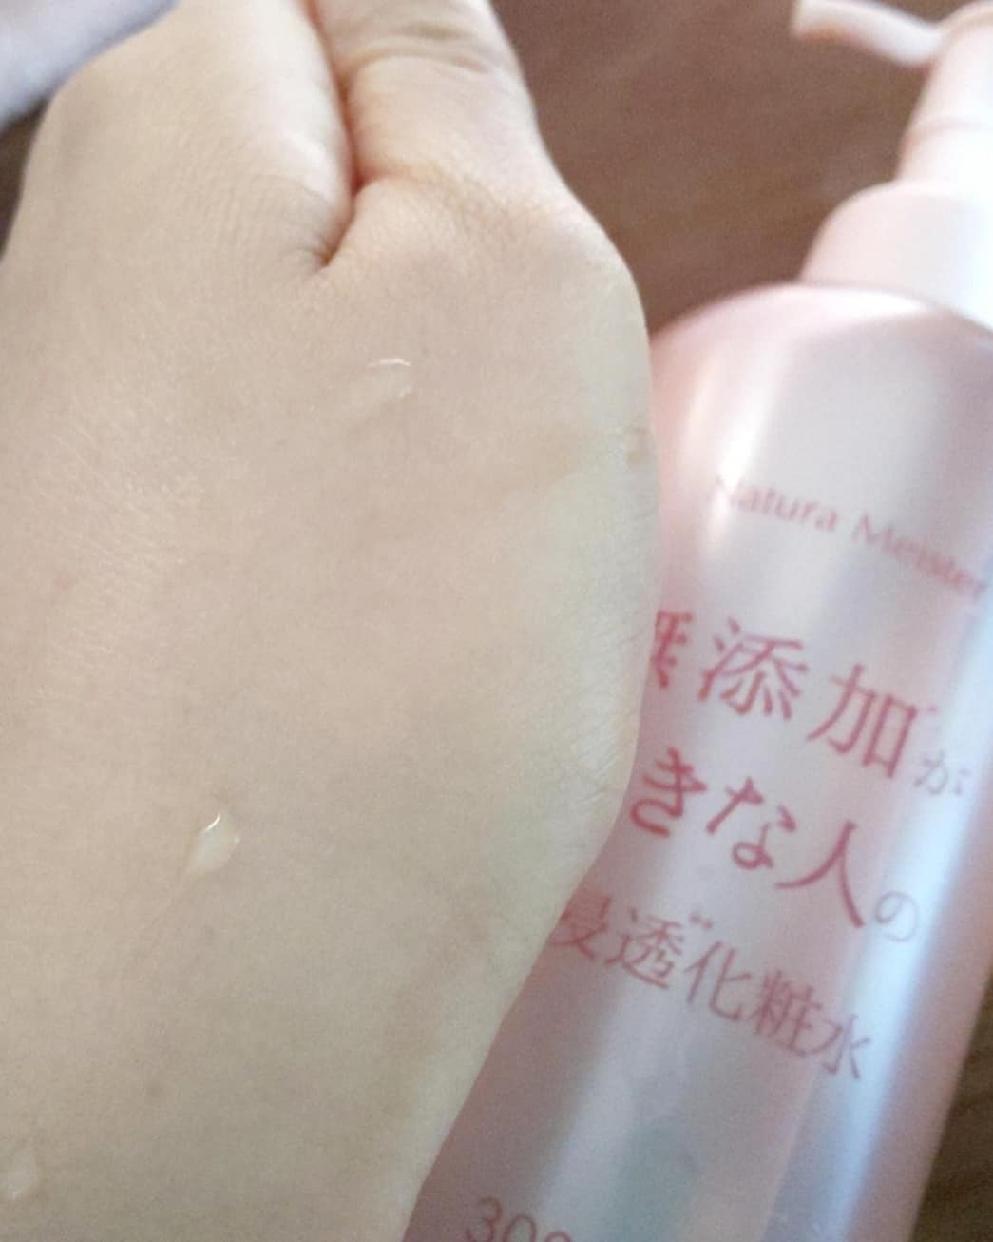 Natura Meister(ナチュラマイスター) 高浸透化粧水に関するこまりさんの口コミ画像3